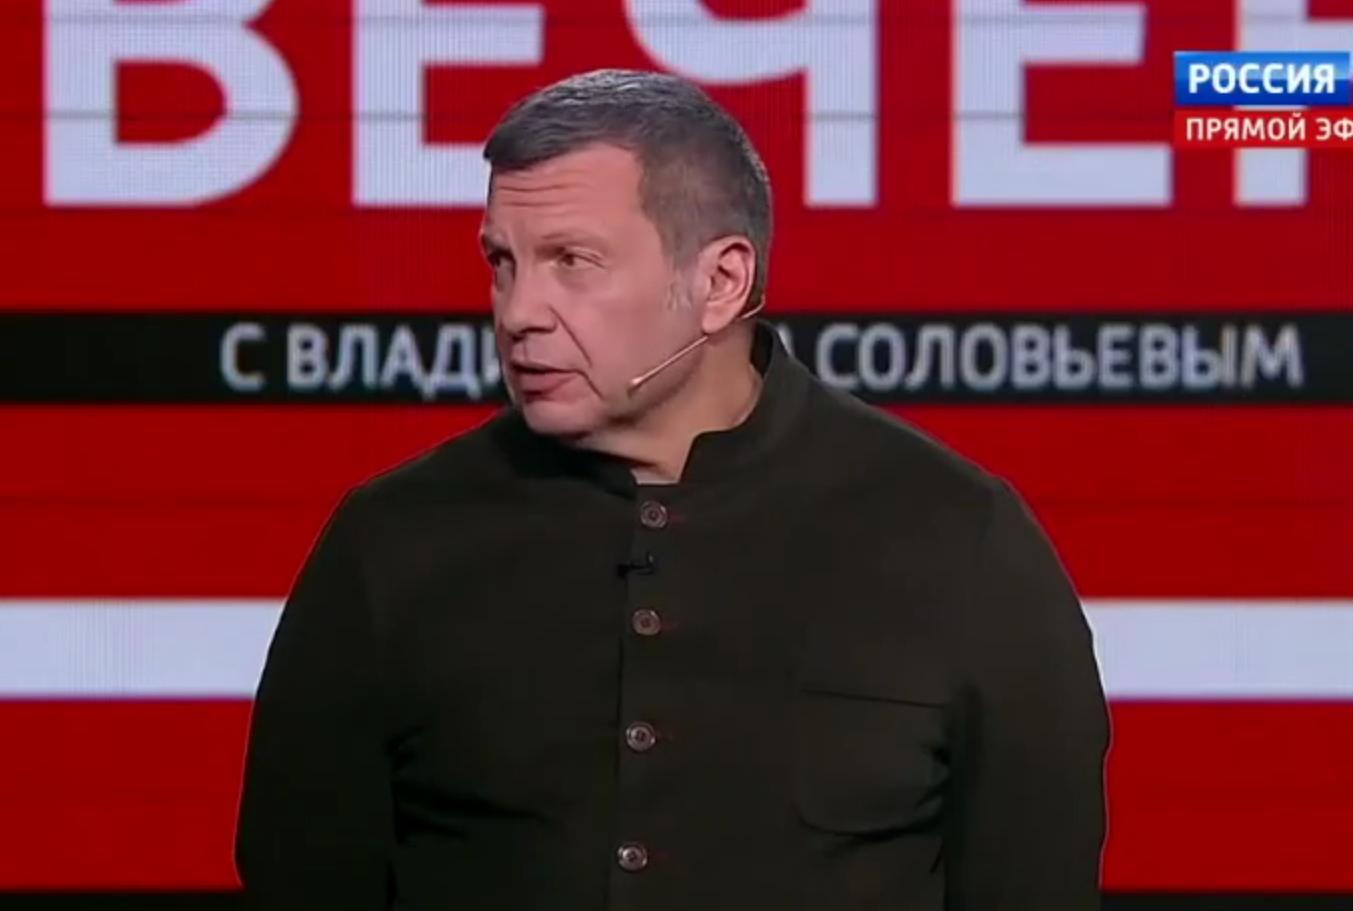 У Соловьева заявили, что сирийские террористы уже на пороге России